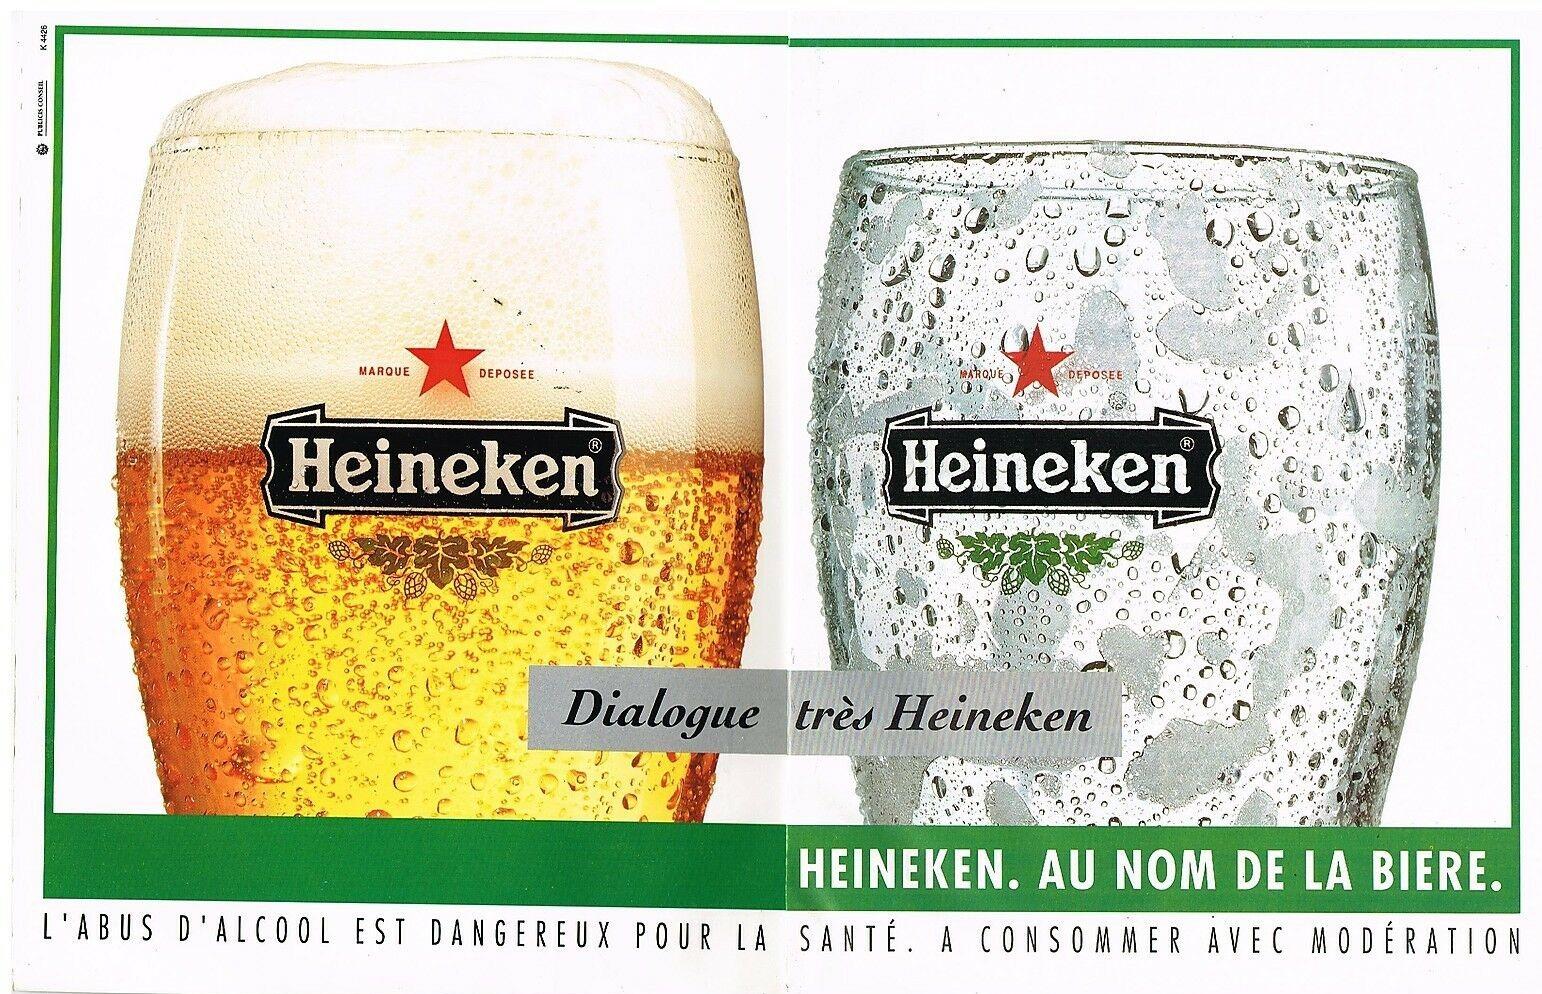 1994 La Biere Heineken